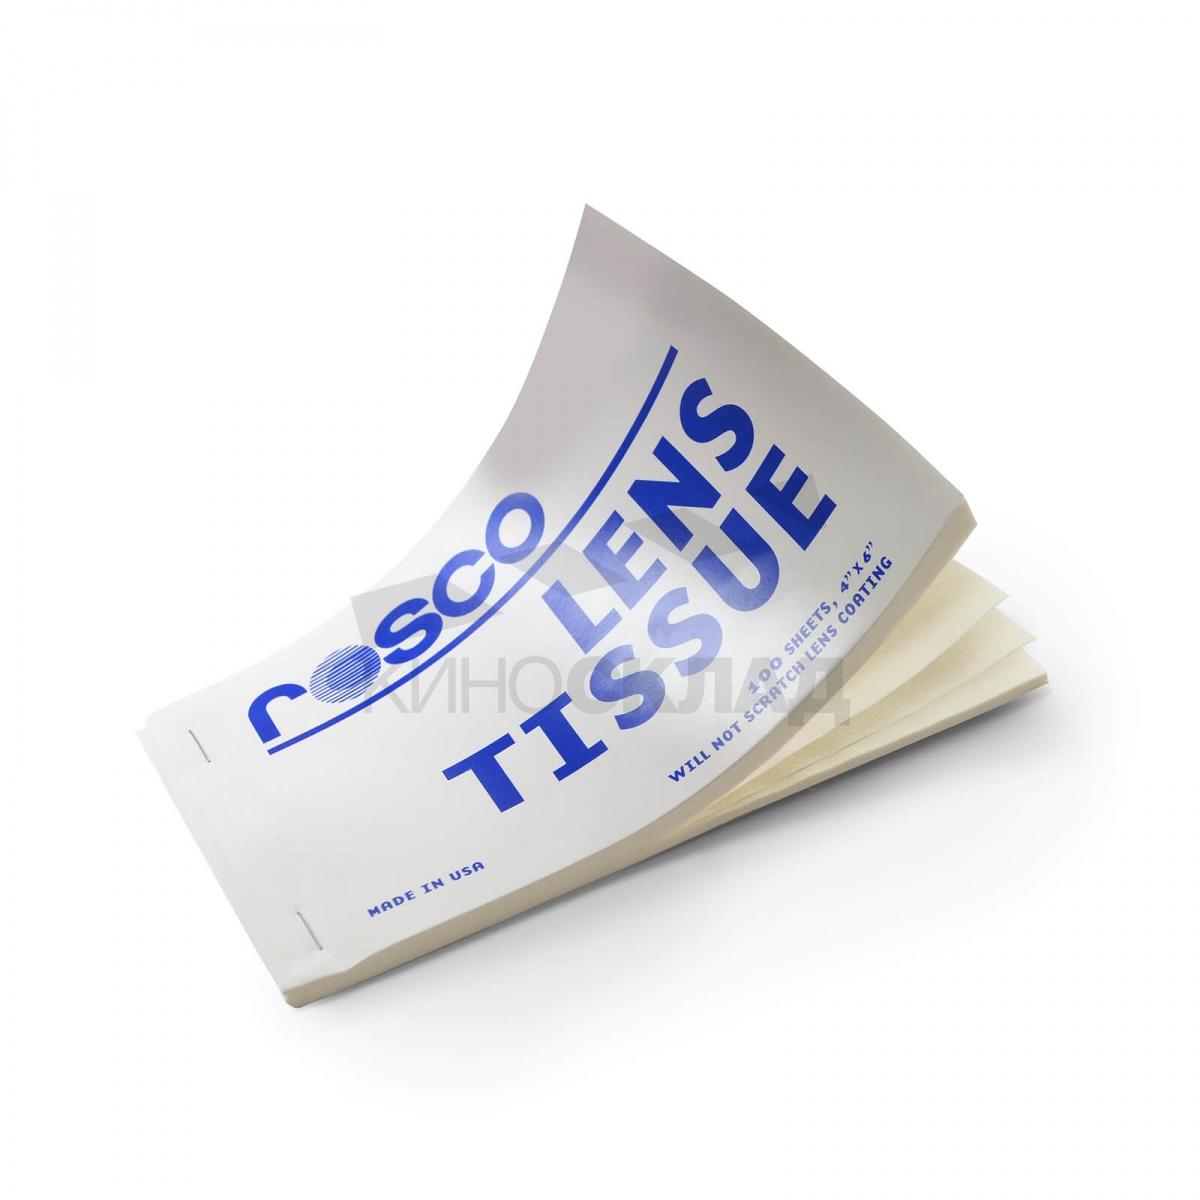 Салфетка Rosco Lens Tissue для  чистки линз 100 шт. LensTissue - доставка по всей России